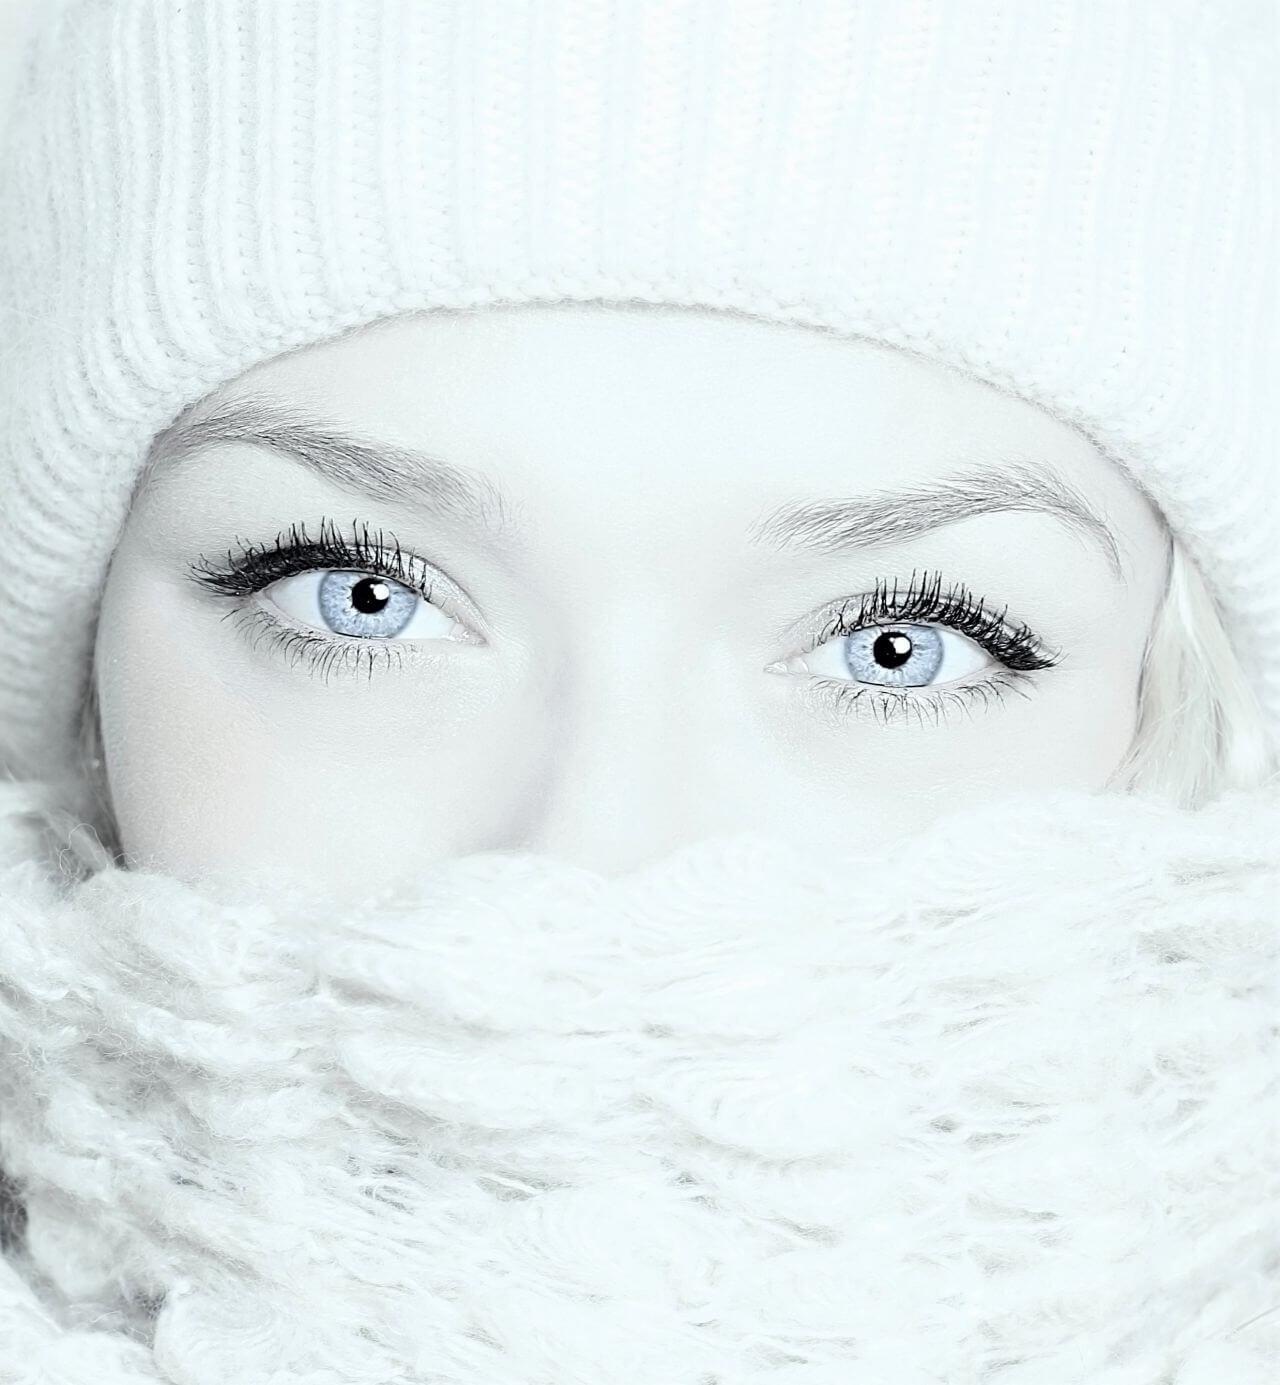 """Free photo """"Beautiful"""" by Marielou Lolilop"""